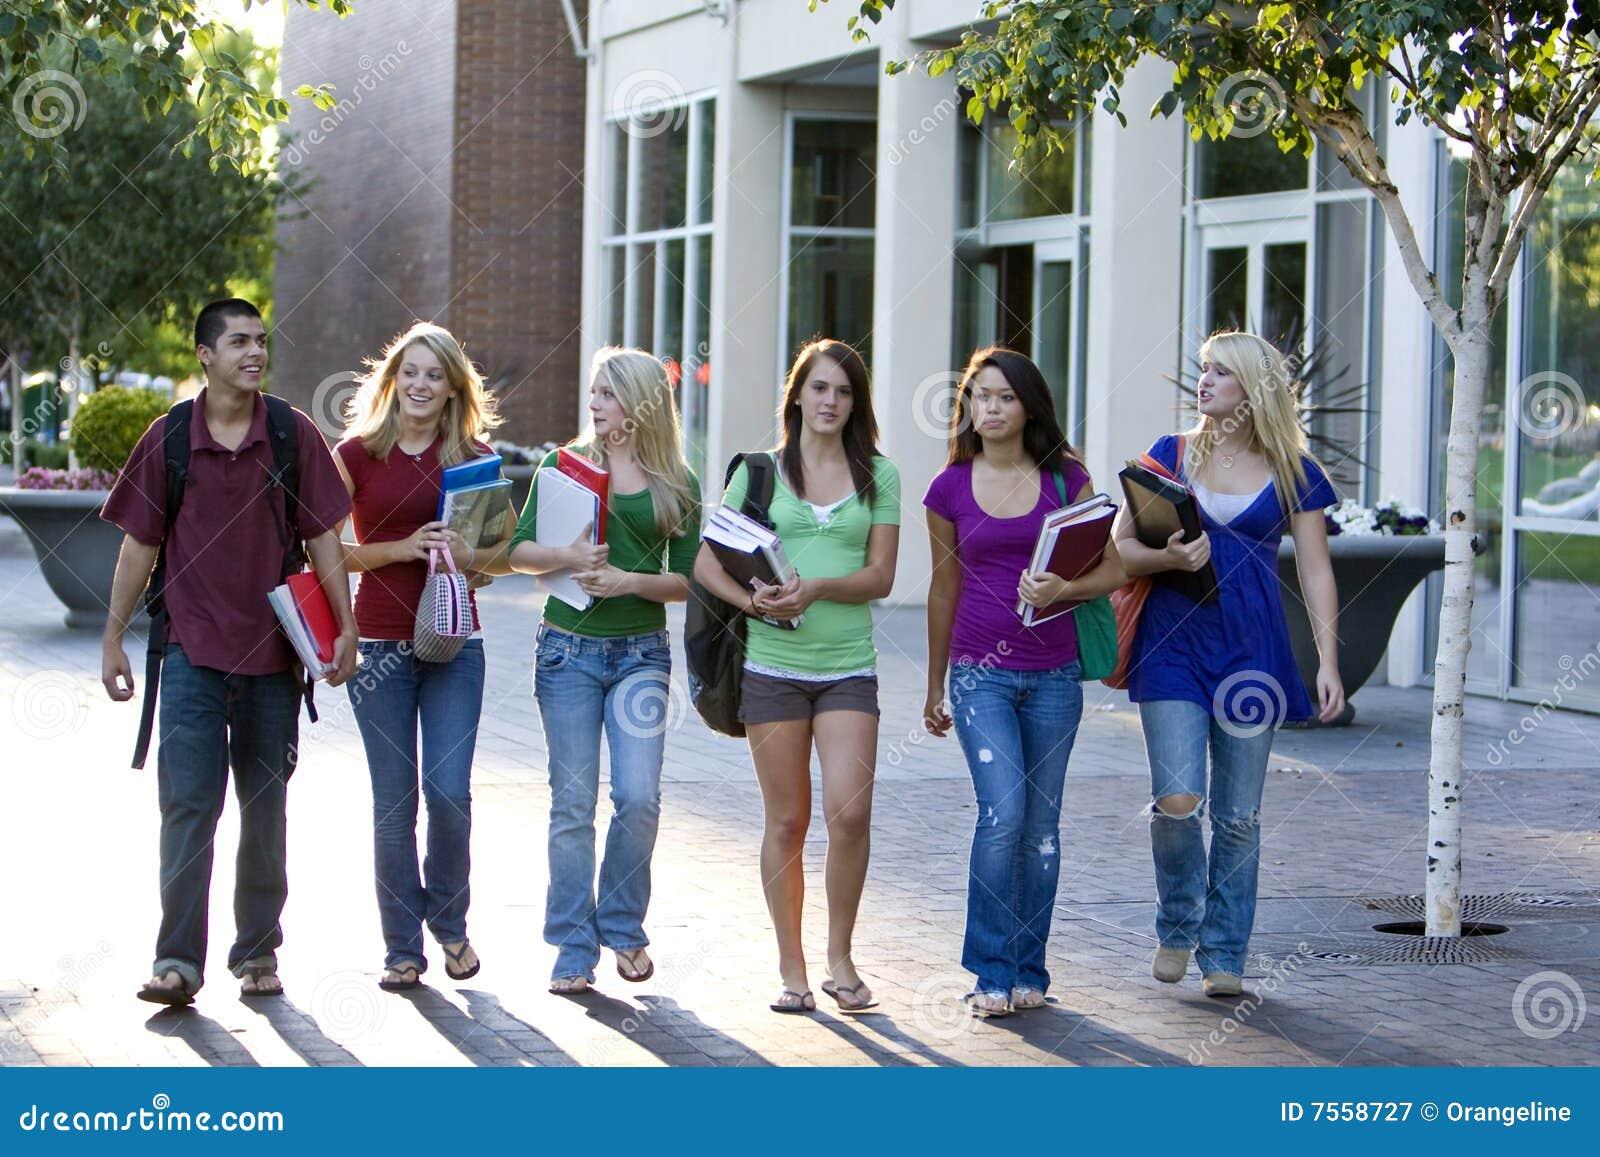 Пять девушек и один мальчик